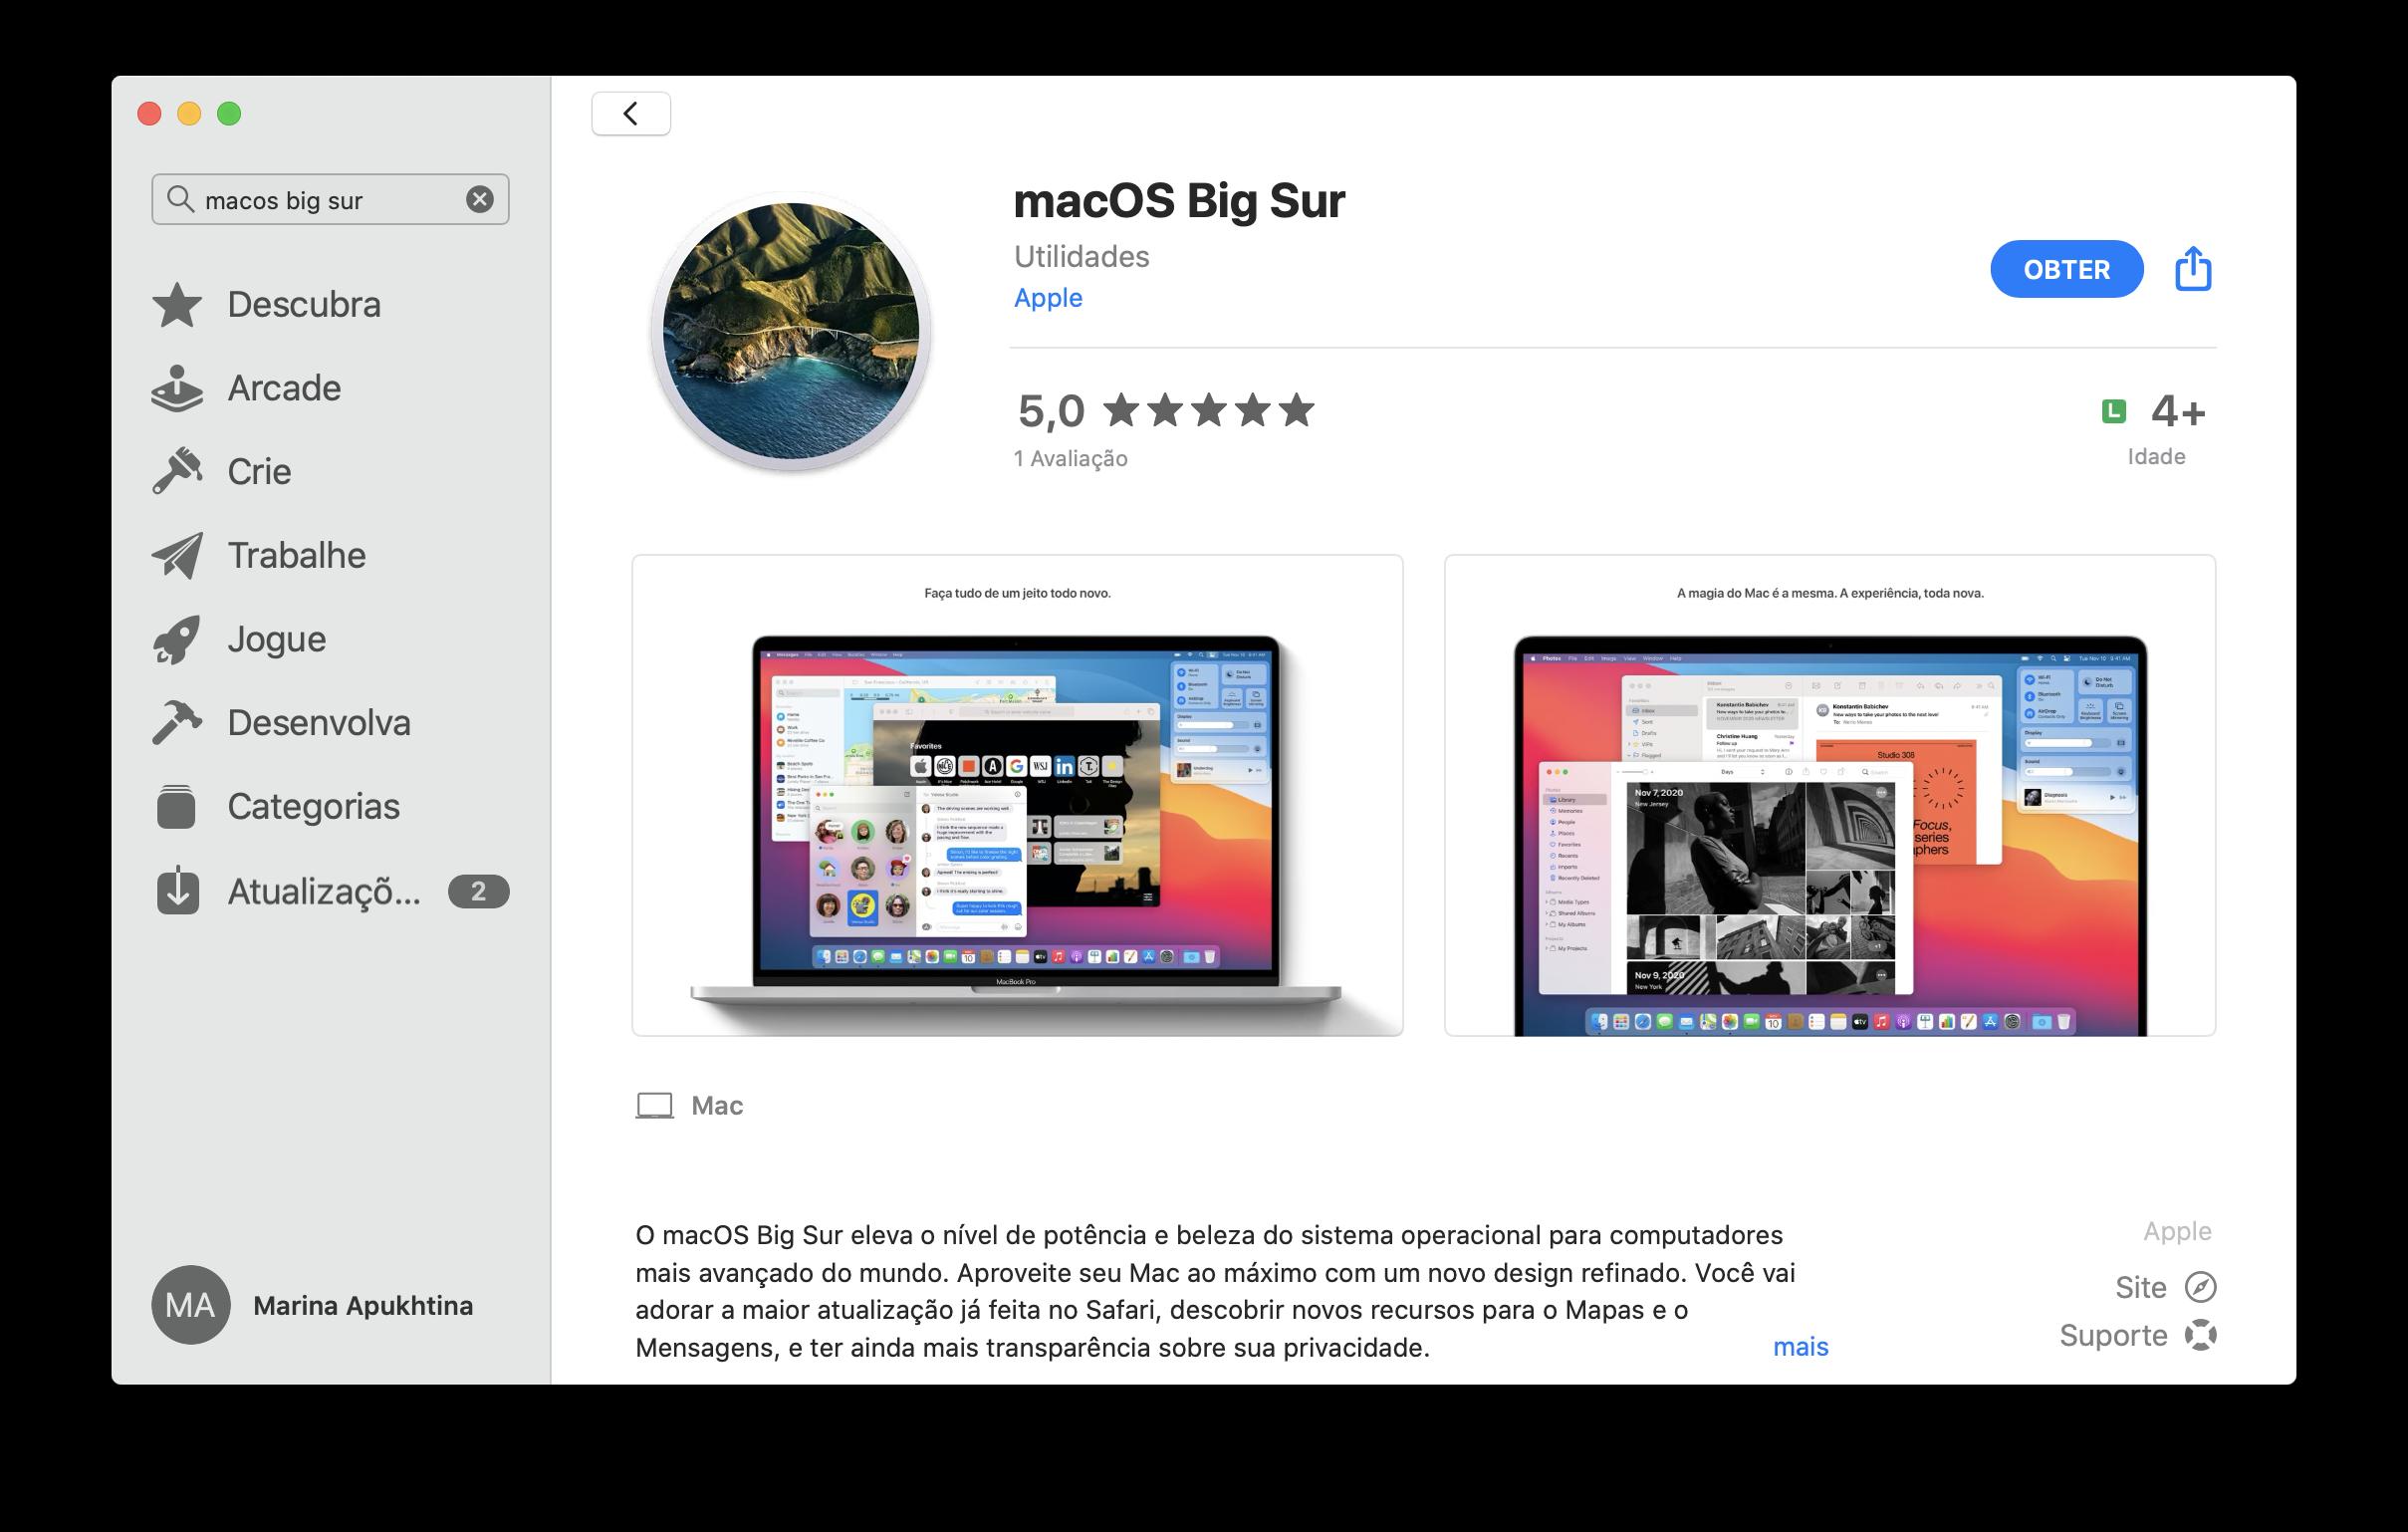 abrir la página de macOS Big Sur en App Store